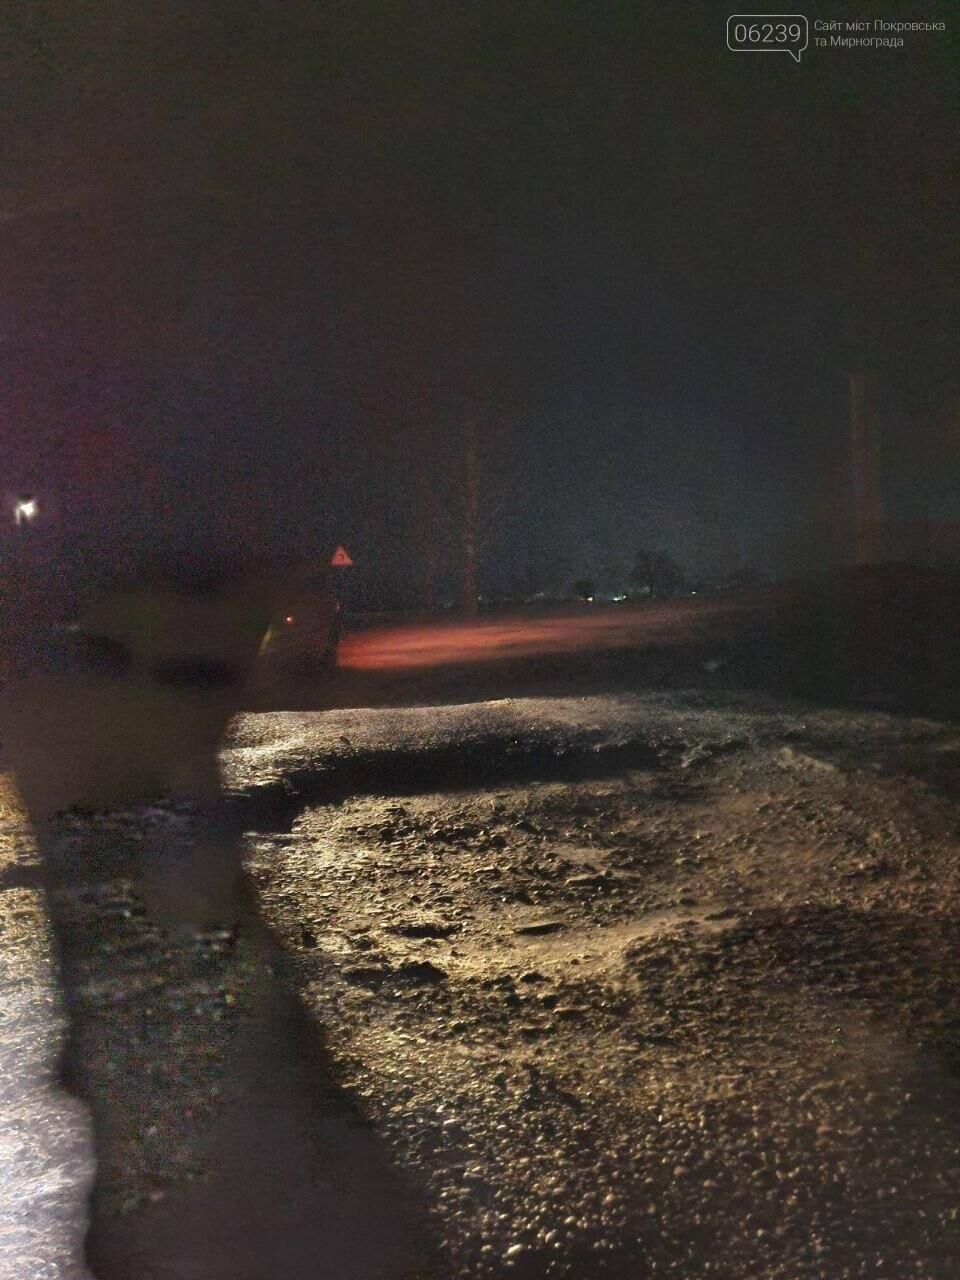 Попал в яму — сам виноват: копы составили протокол на водителя из Покровска, который, въехав в яму, повредил авто, фото-2